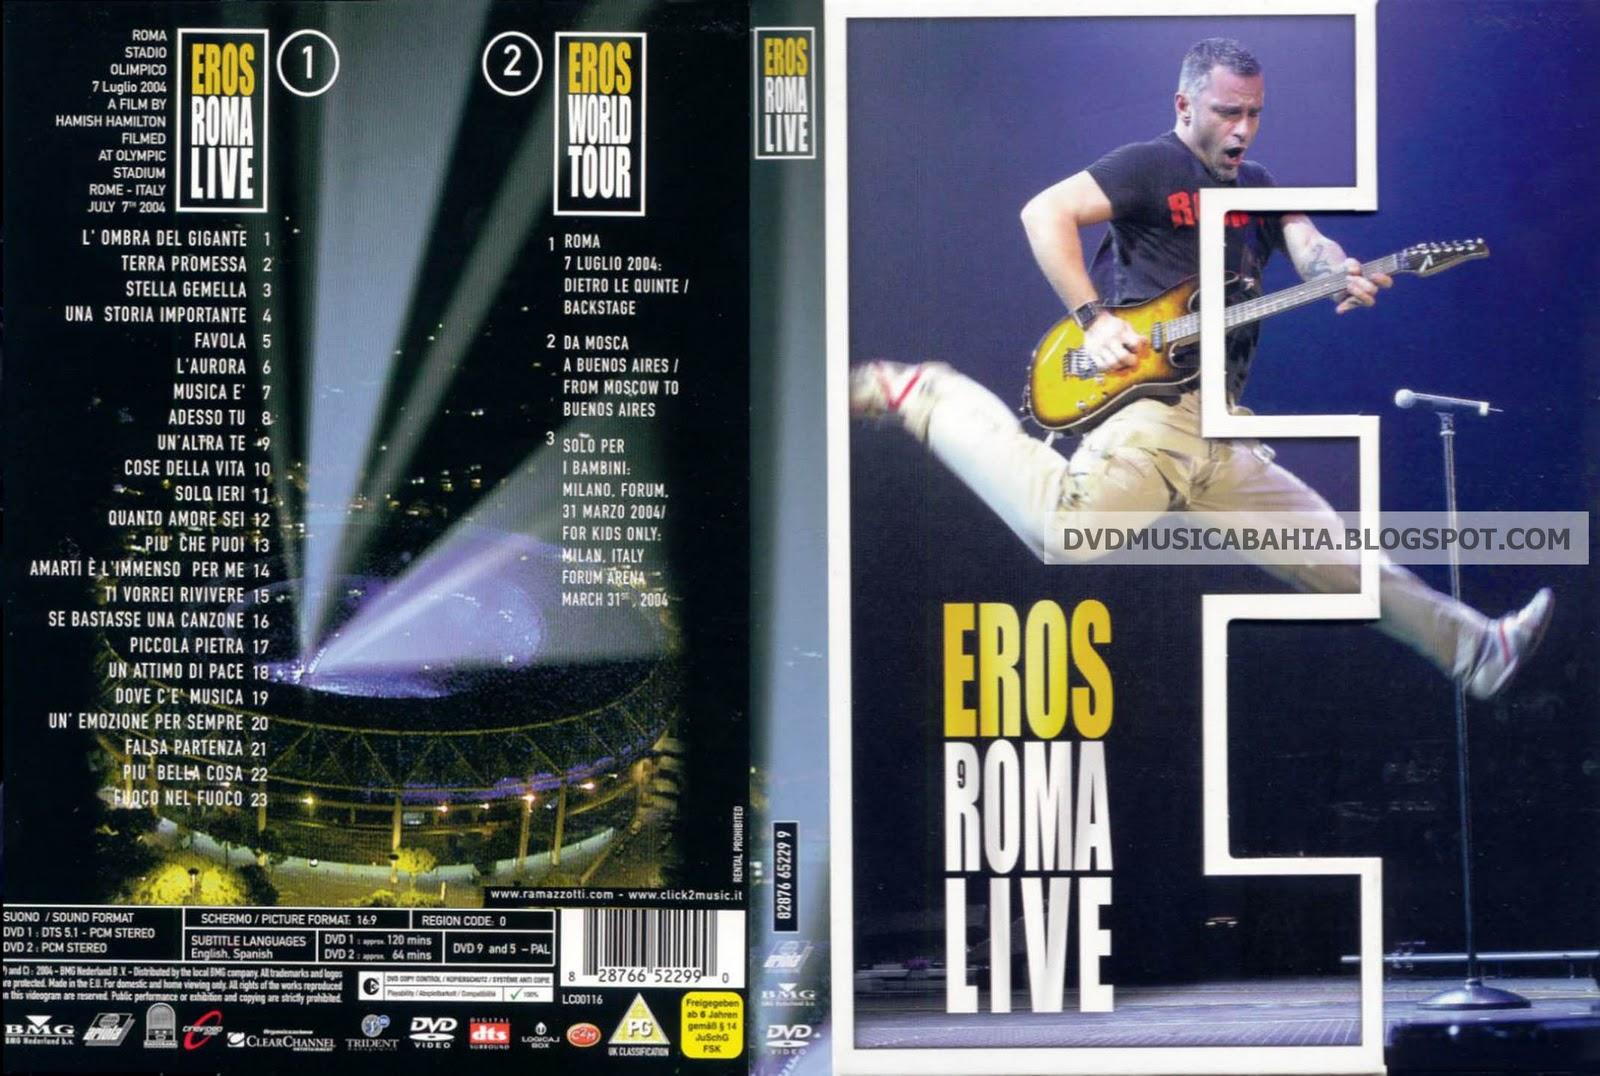 http://3.bp.blogspot.com/_PiUVny6RPwY/TKUJ45qErlI/AAAAAAAABLI/QmXV4itHSV4/s1600/Eros_Ramazzotti-Eros_Roma_Live_%28Dvd%29-Caratula.jpg